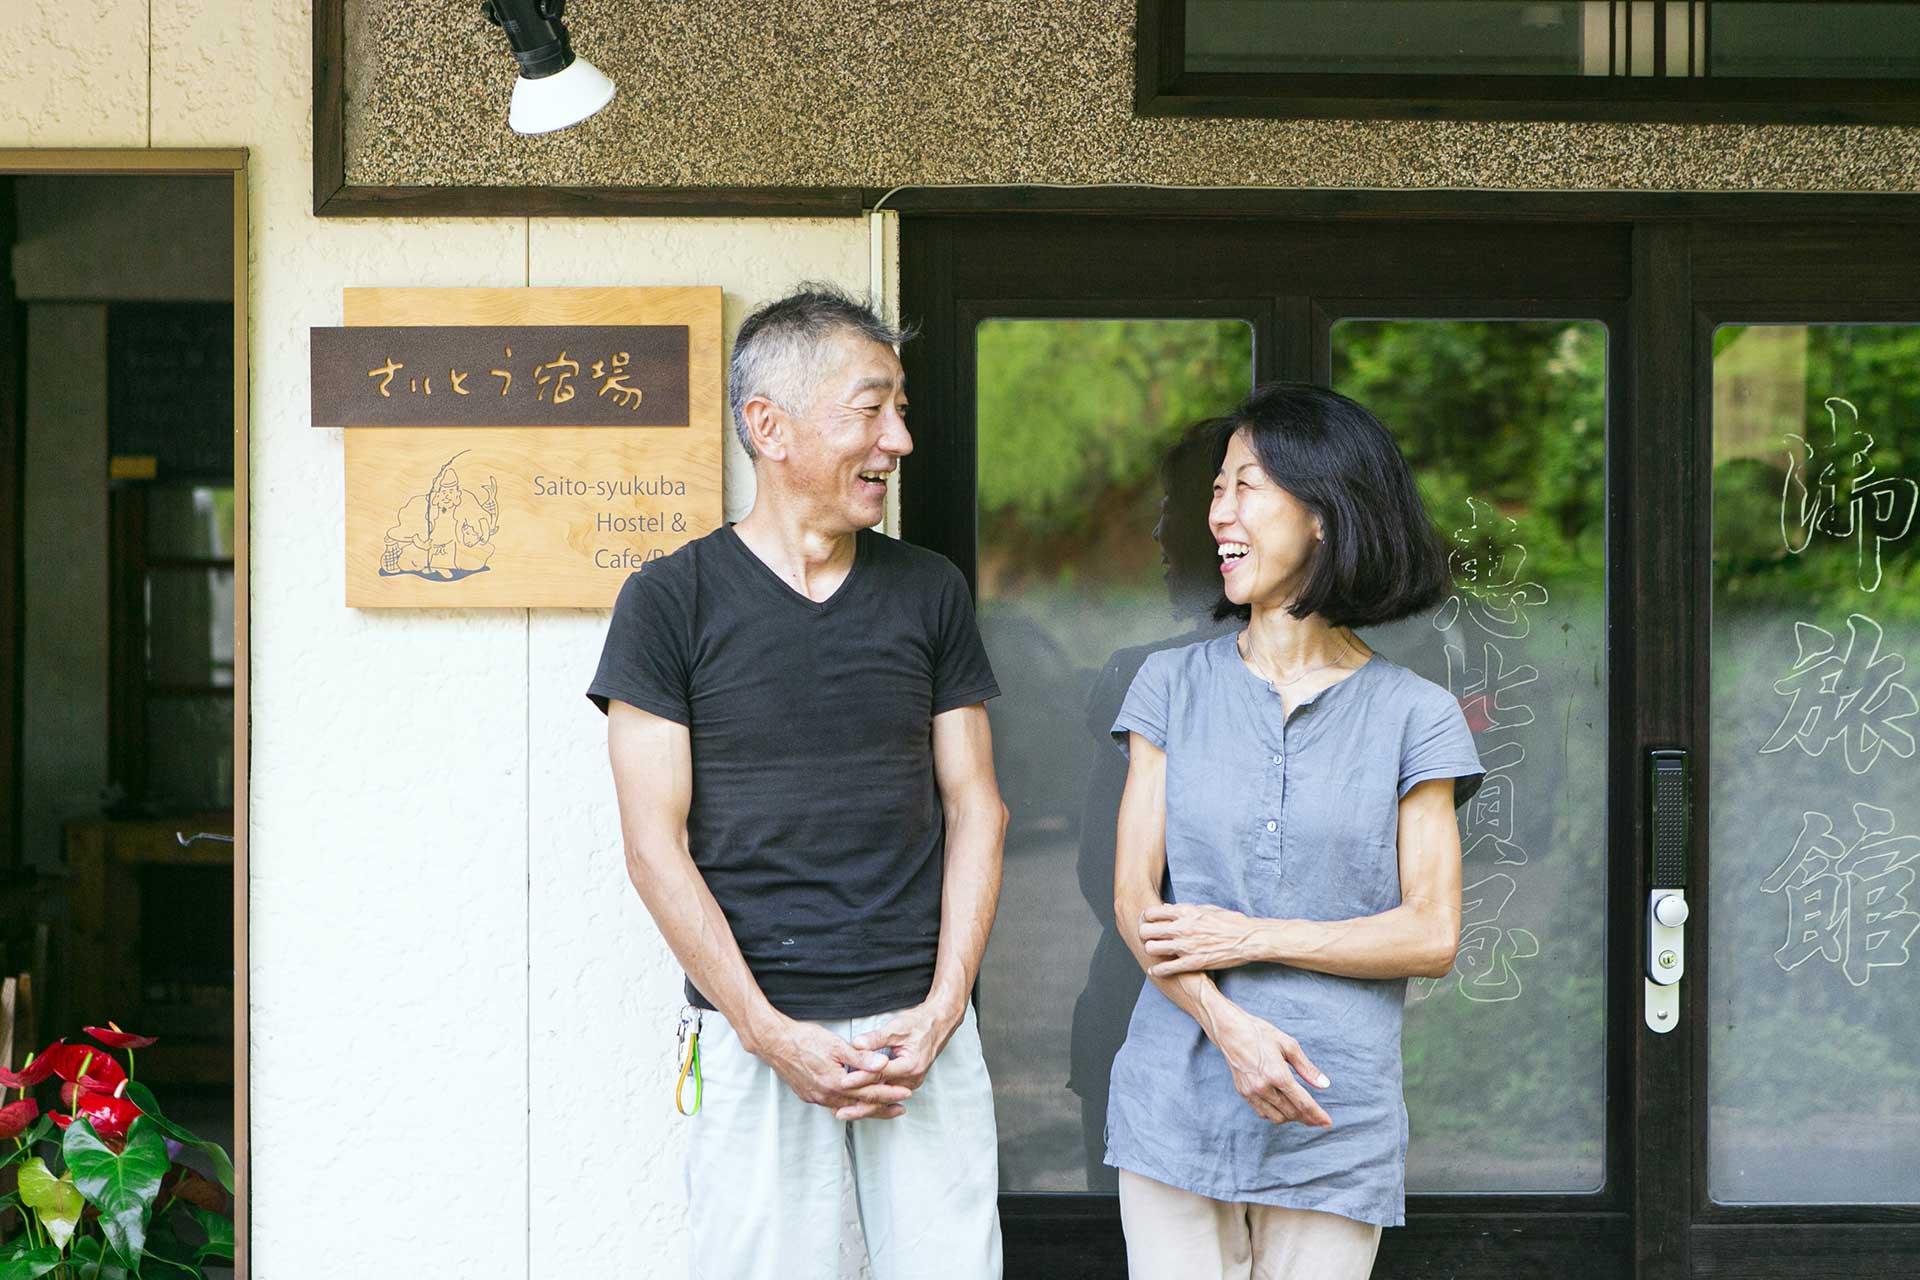 「さいとう宿場」を営んでいるのは齋藤仁さん、晶子さん夫妻。